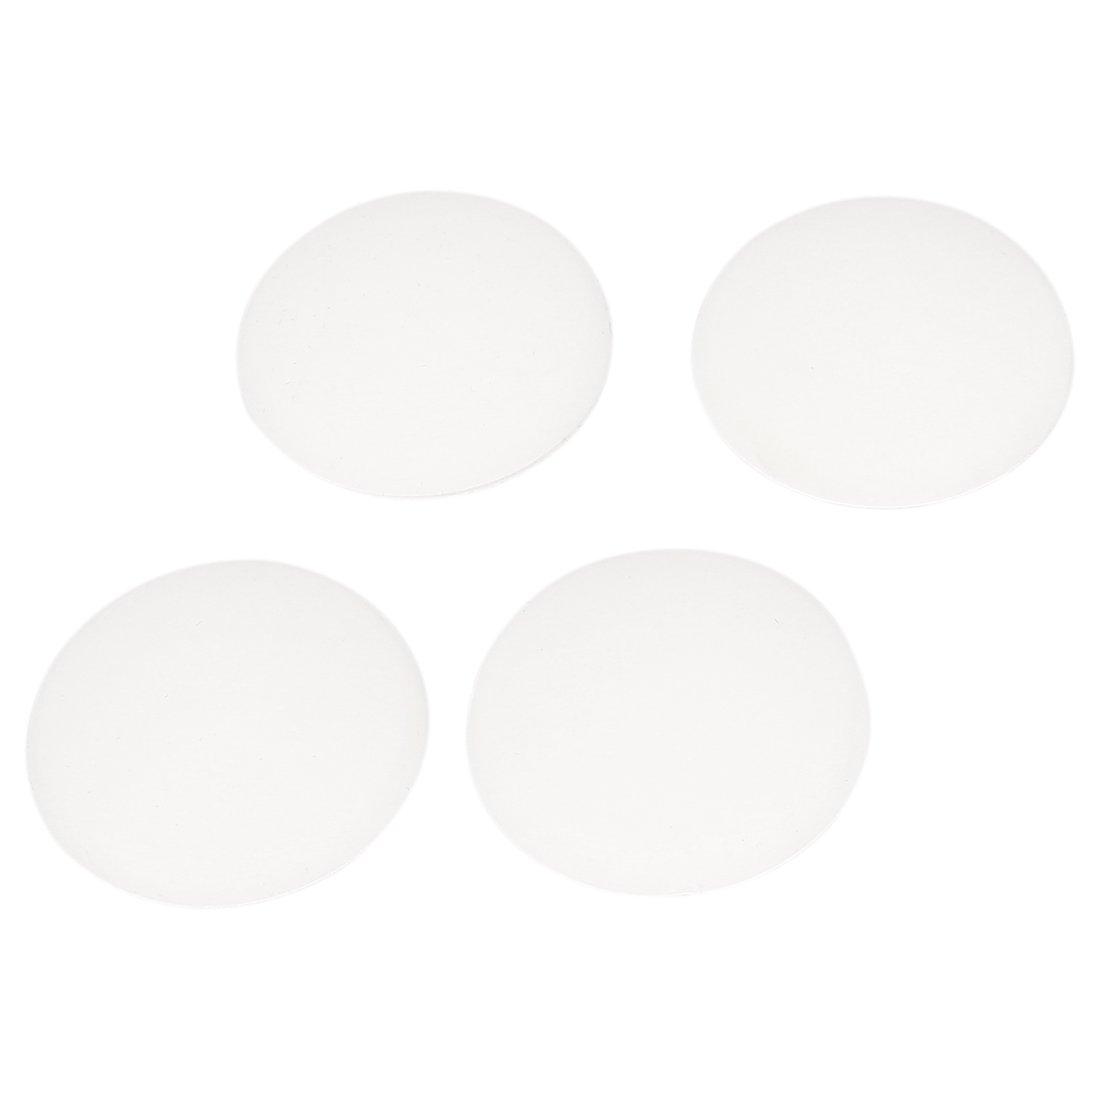 Protecteur de buté e de pare-chocs de poigné e de porte de garde de mur adhé sif en caoutchouc blanc 4 Pcs sourcing map US-SA-AJD-109919